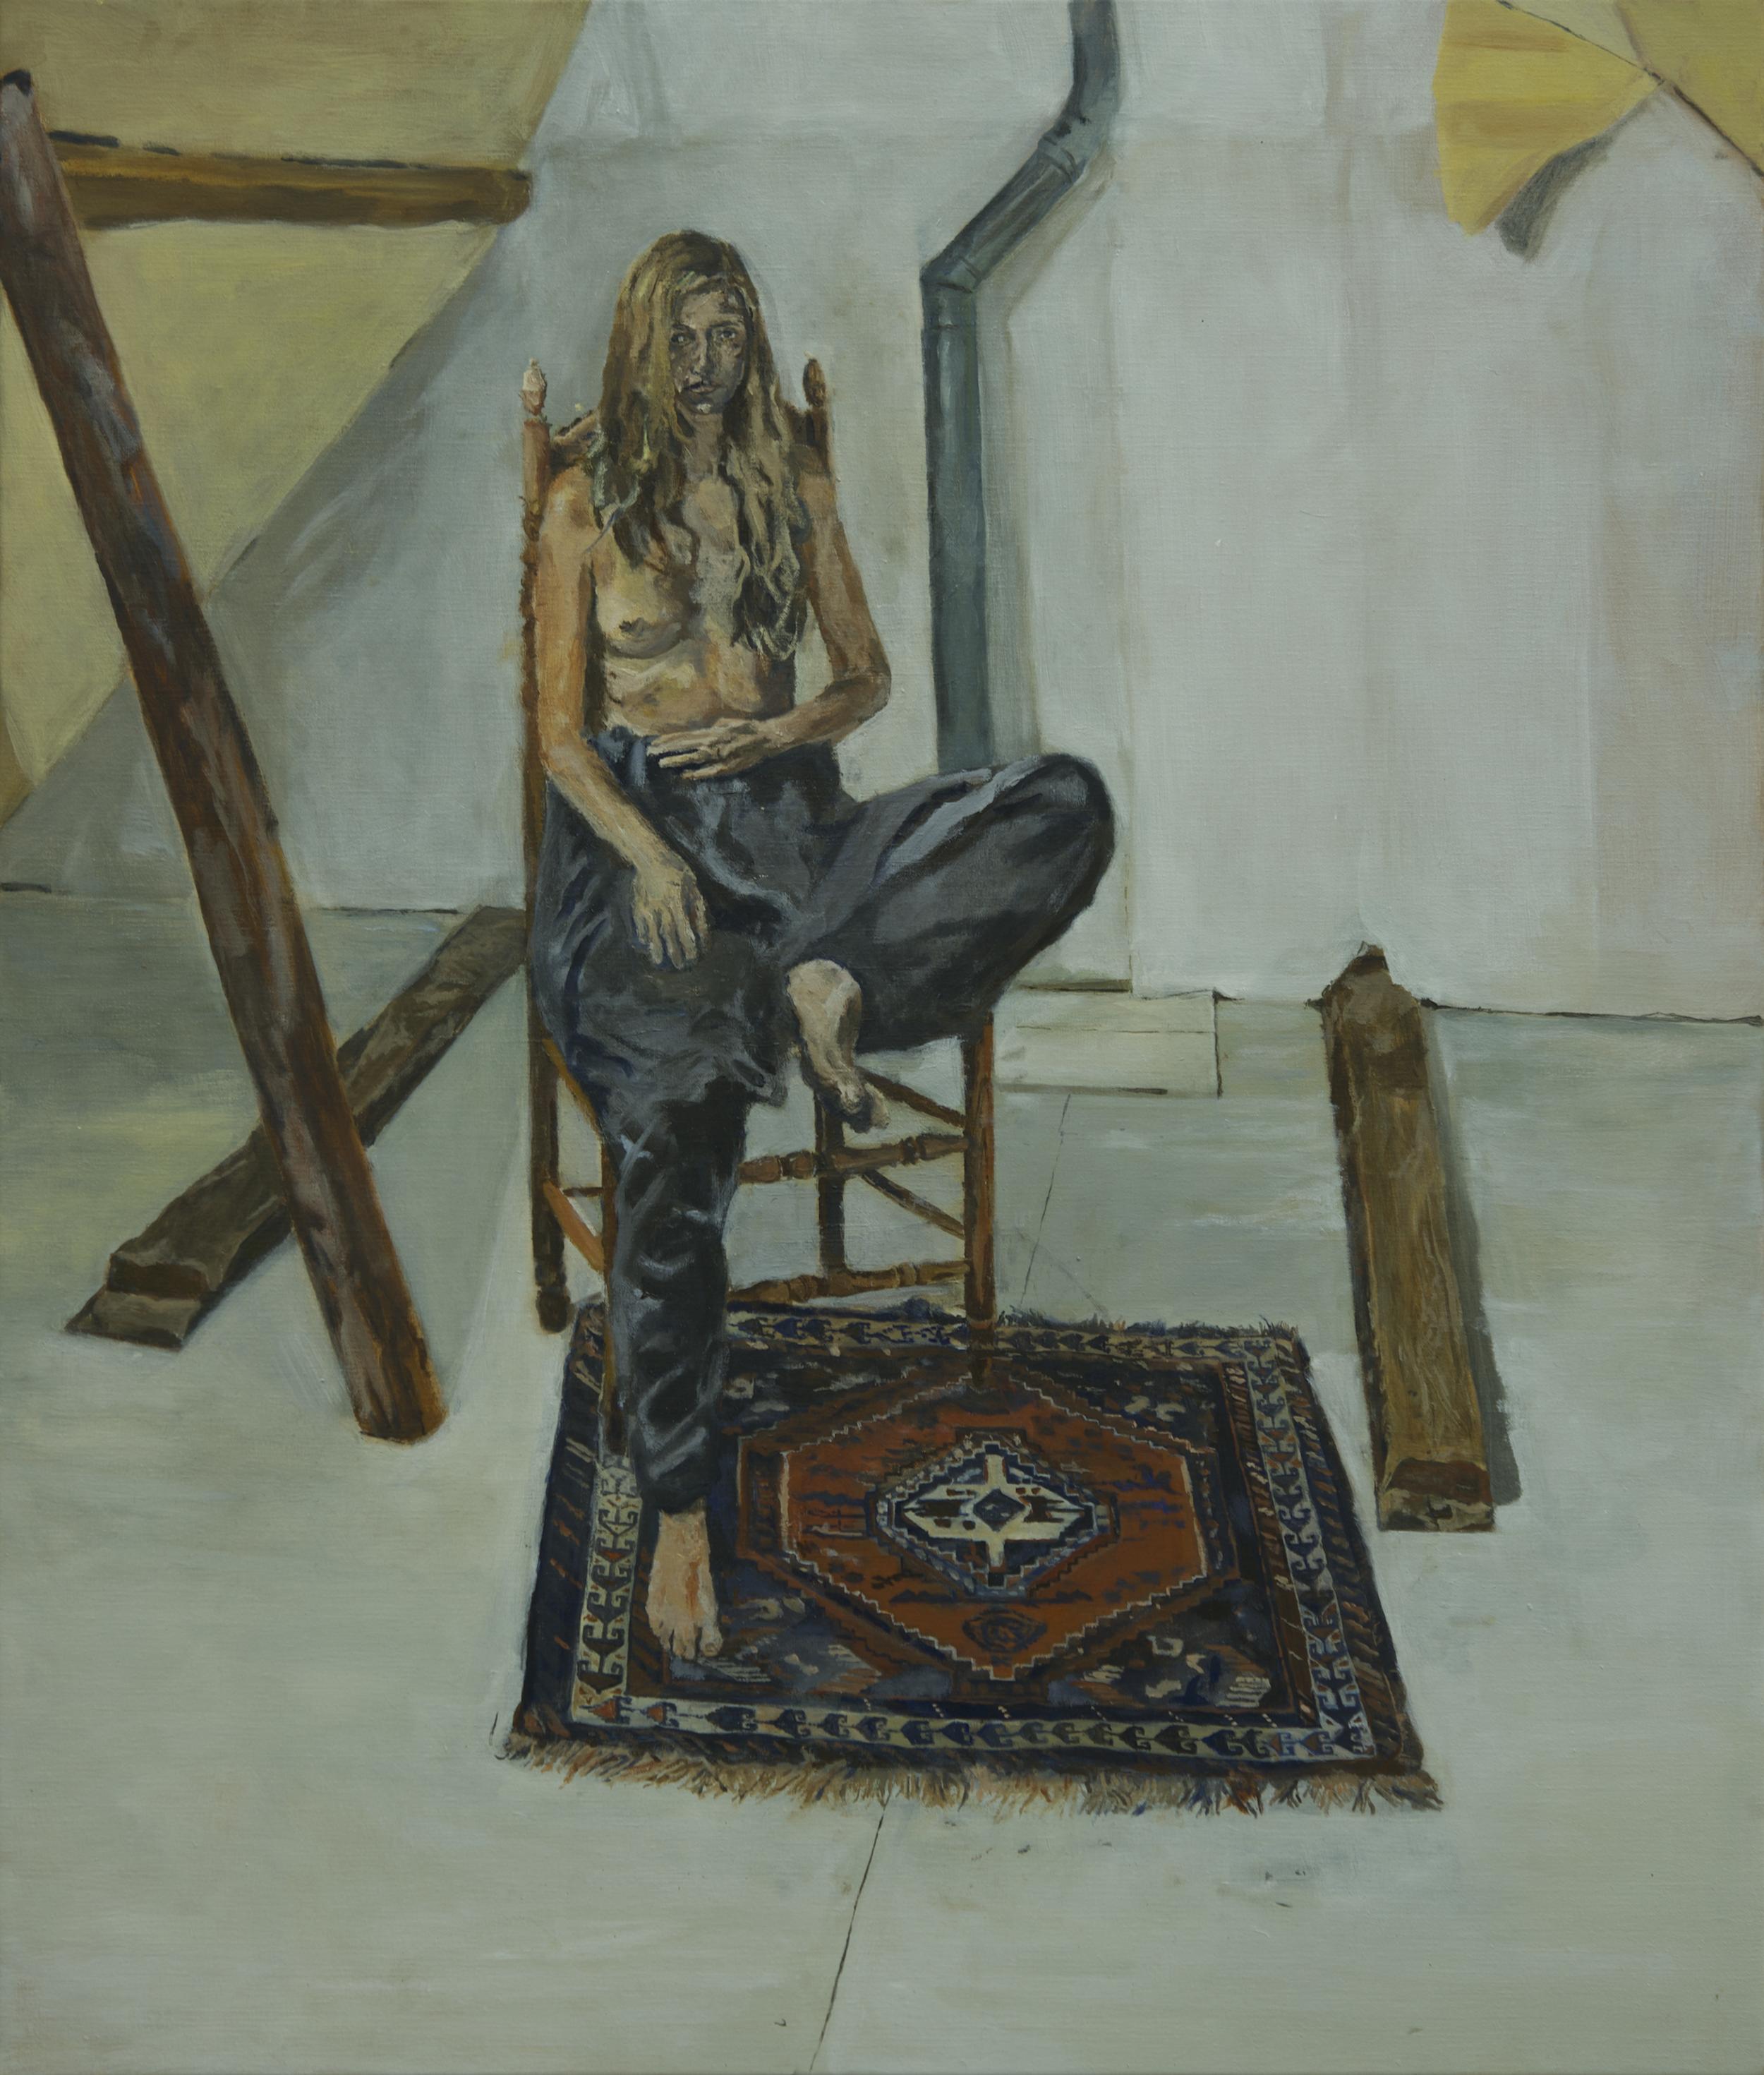 Kodzabasheva, 84.4 x 99.4 cm, oil on linen, 2018